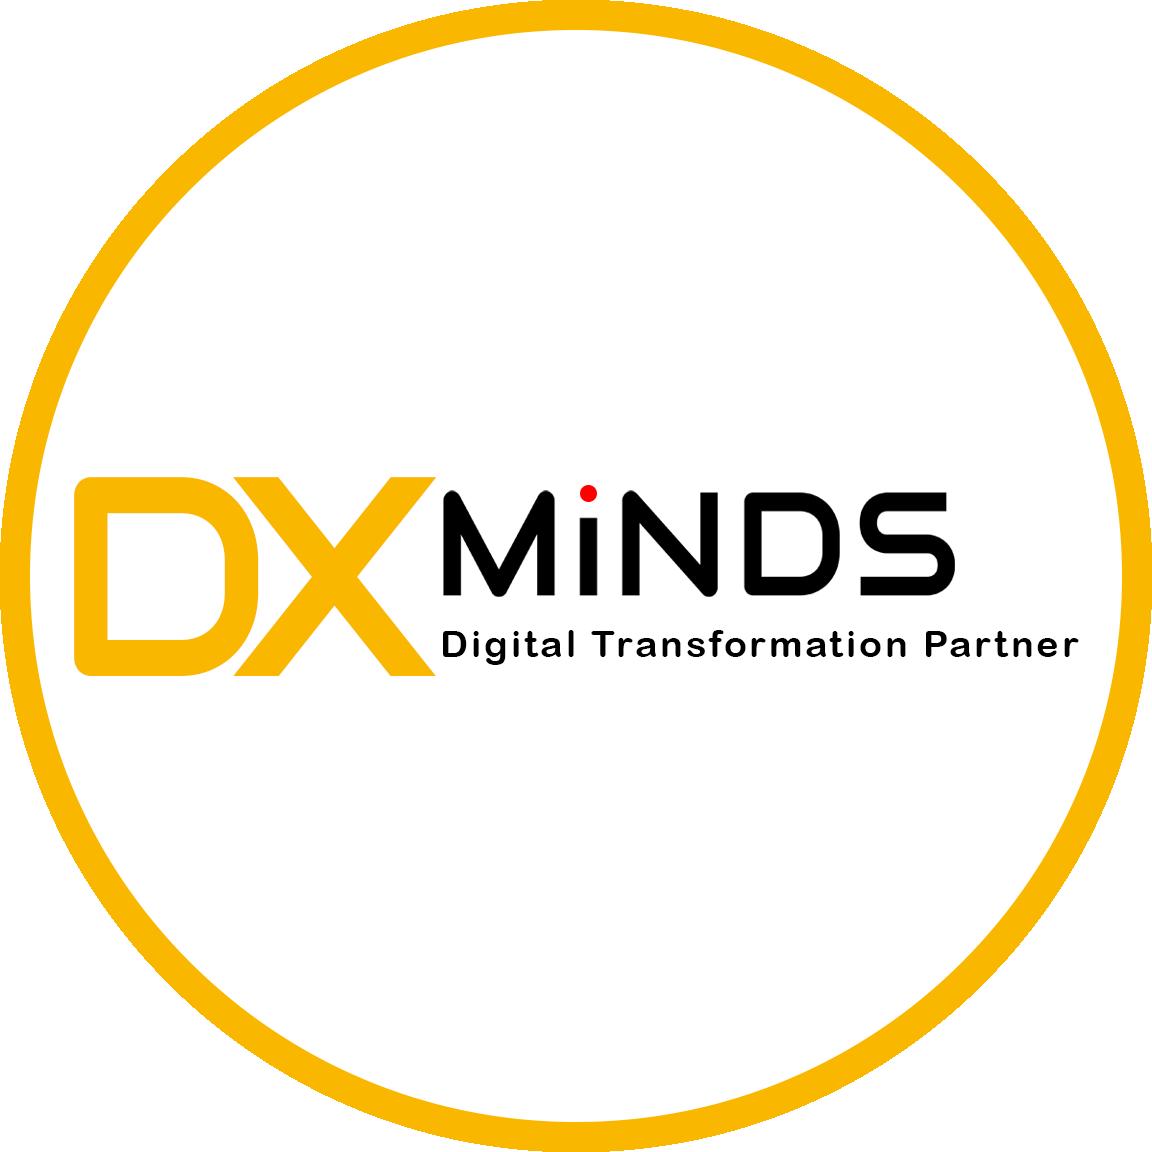 DxMindsInnovation